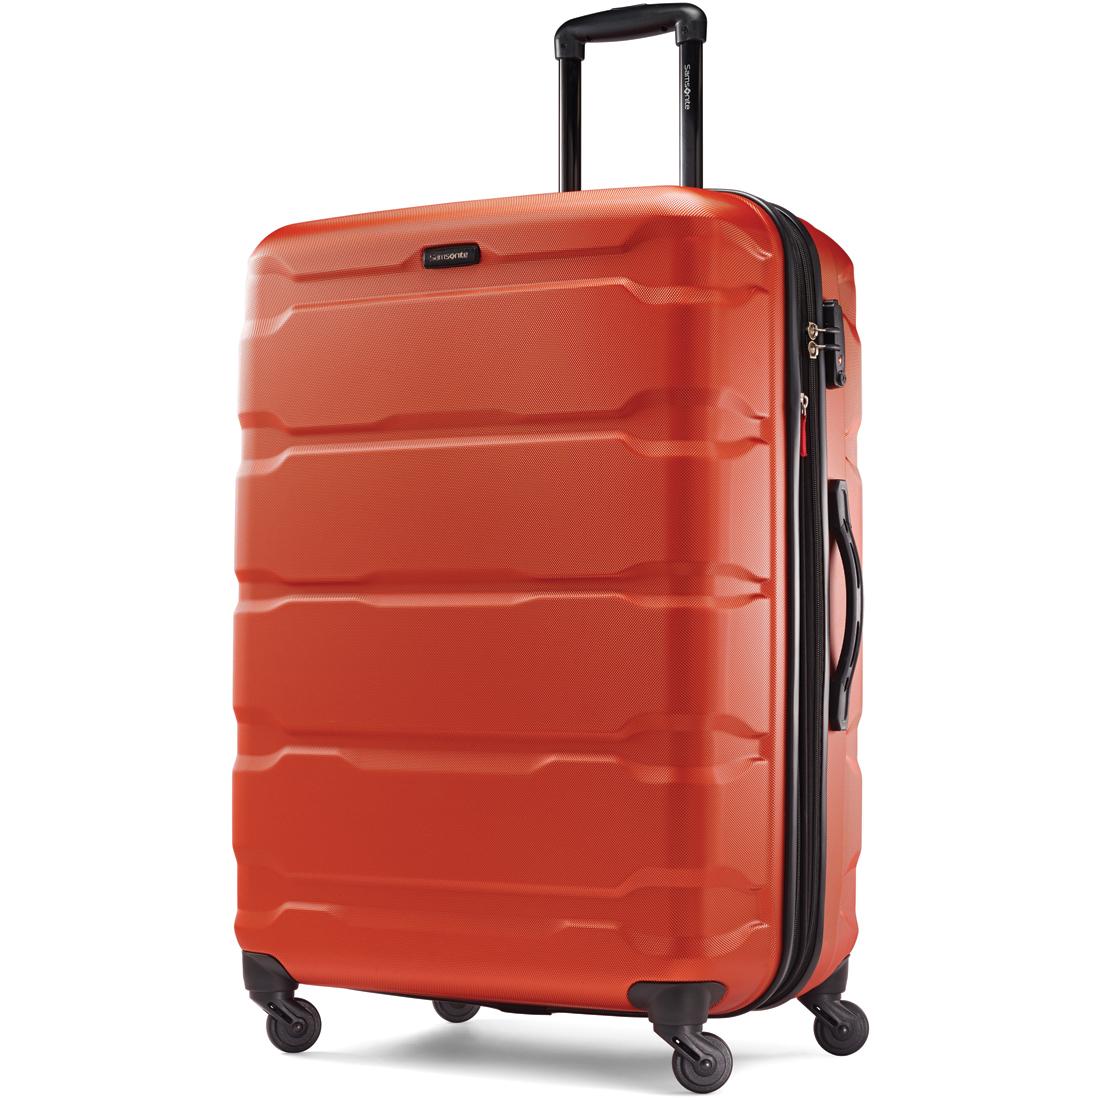 Samsonite-Omni-28-Inch-Hardside-Spinner-Luggage-Suitcase-Choose-Color